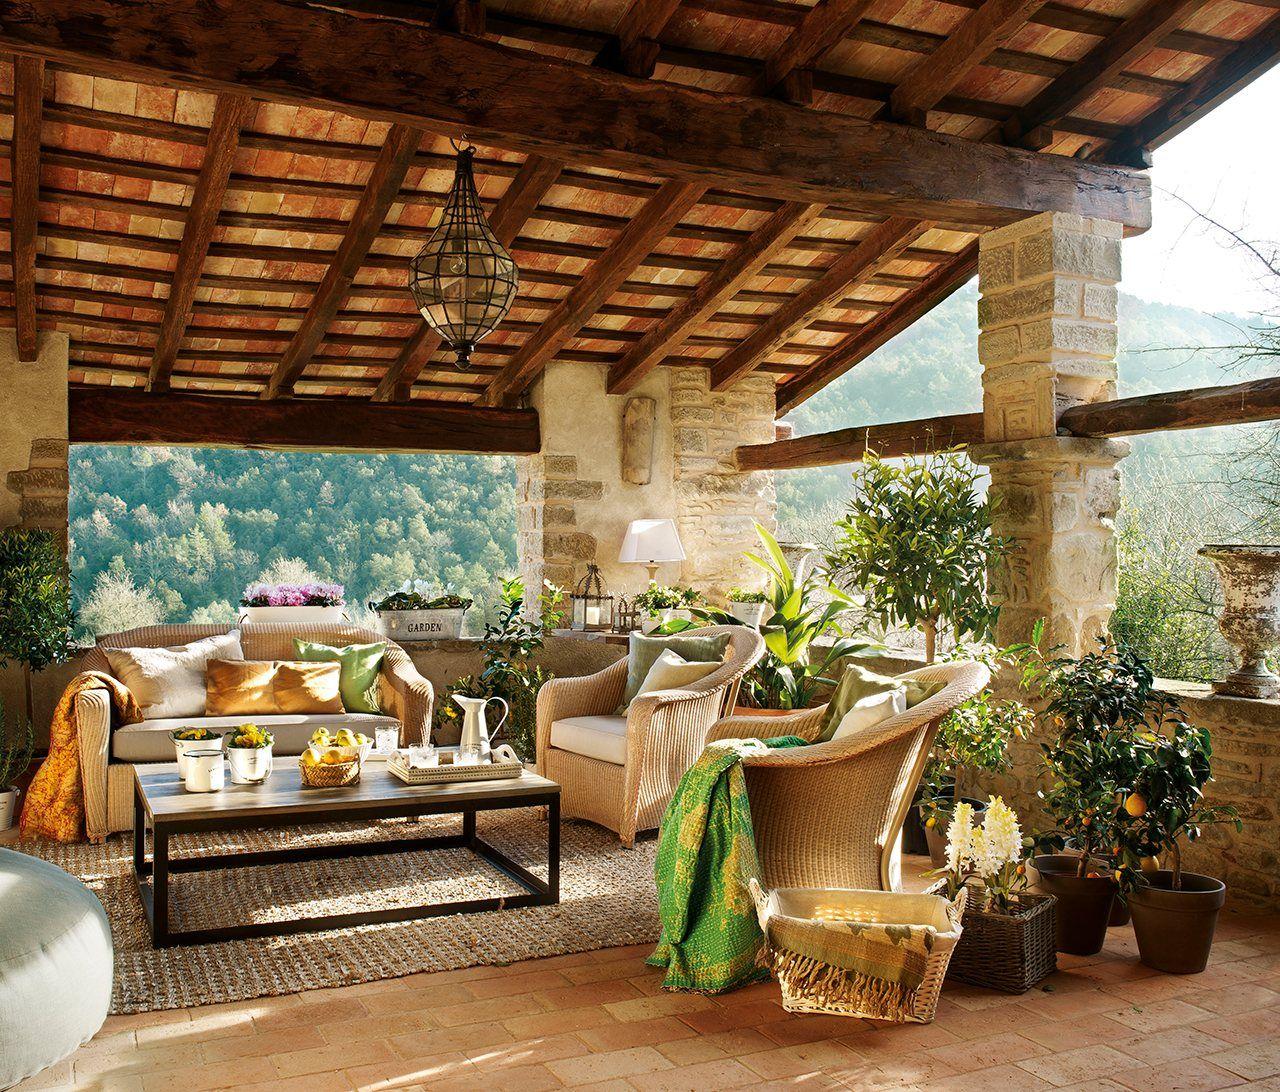 Una casa r stica con toques de estilo franc s ii for Patios y jardines